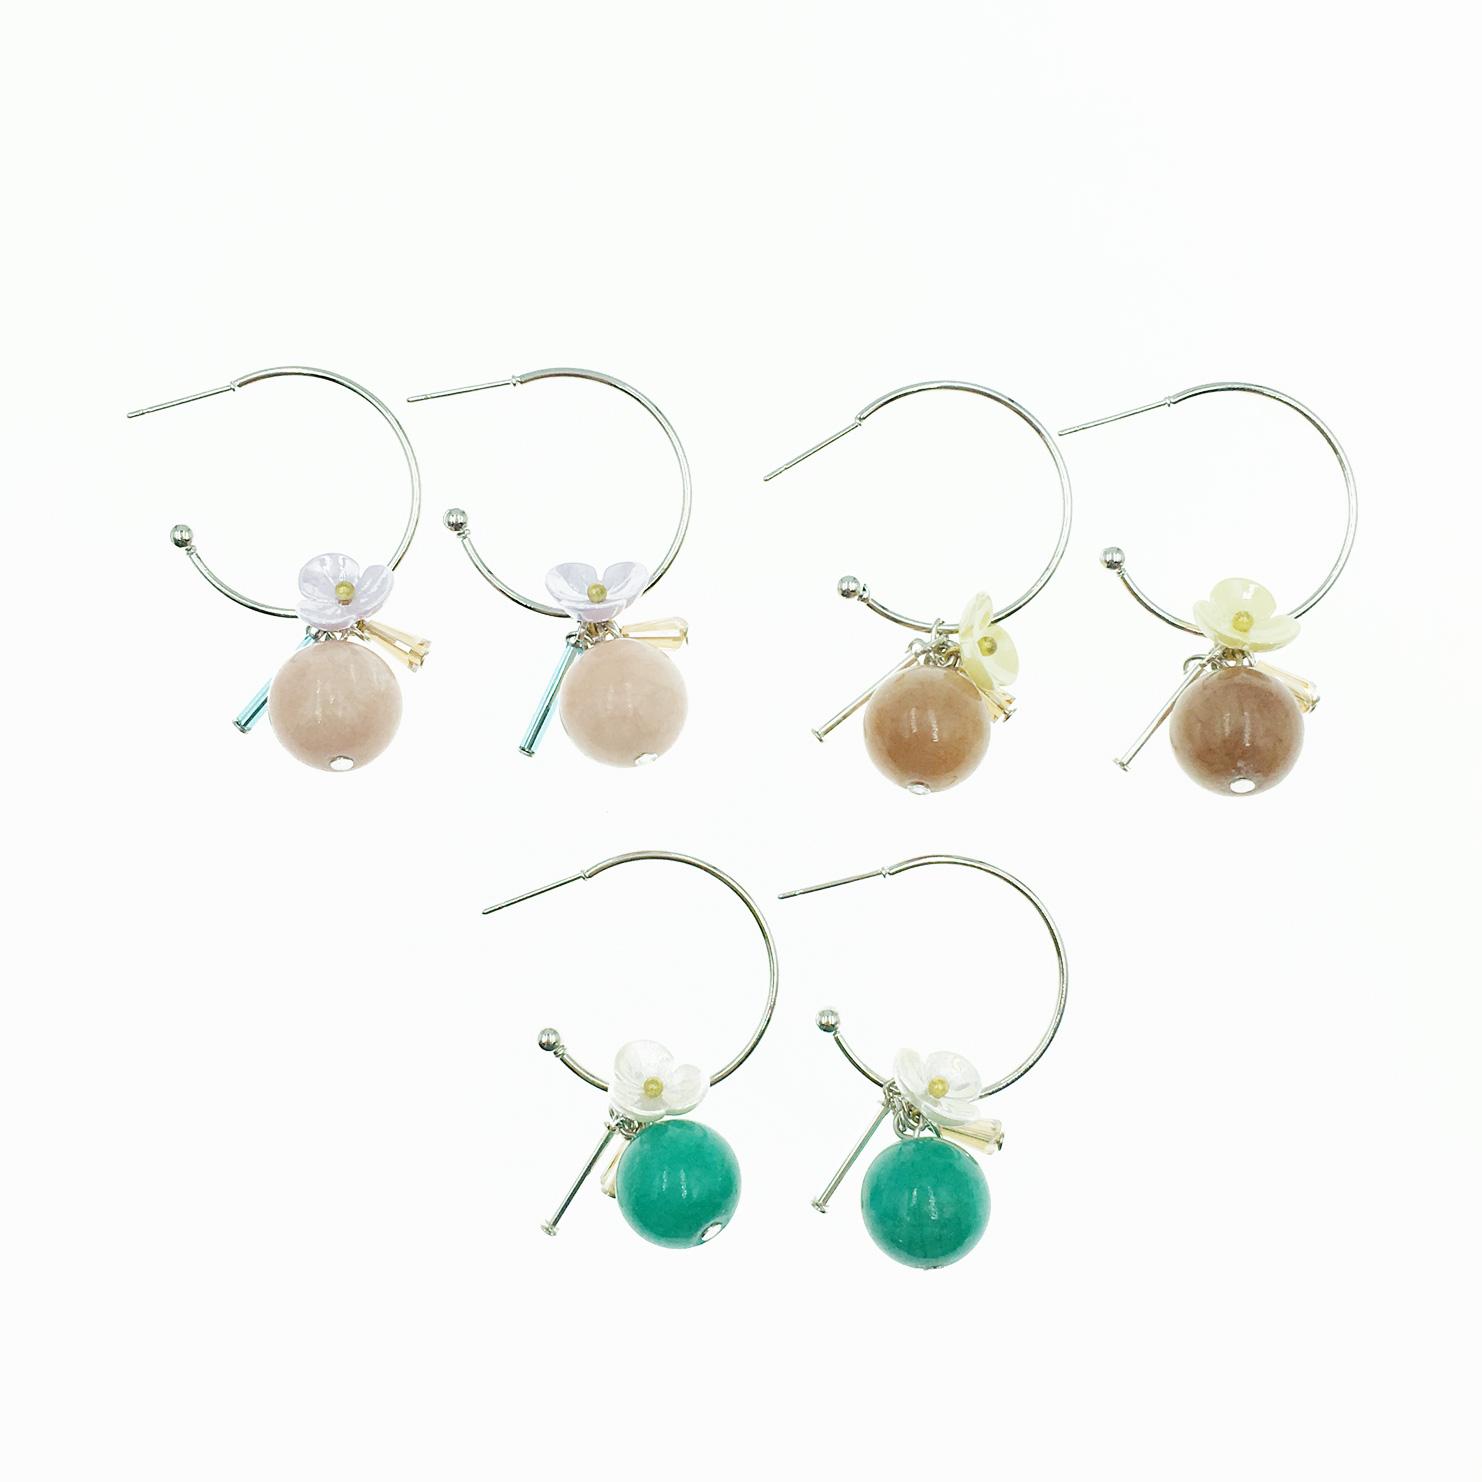 韓國 C環圈 小花 3色 垂墜感 耳針式耳環